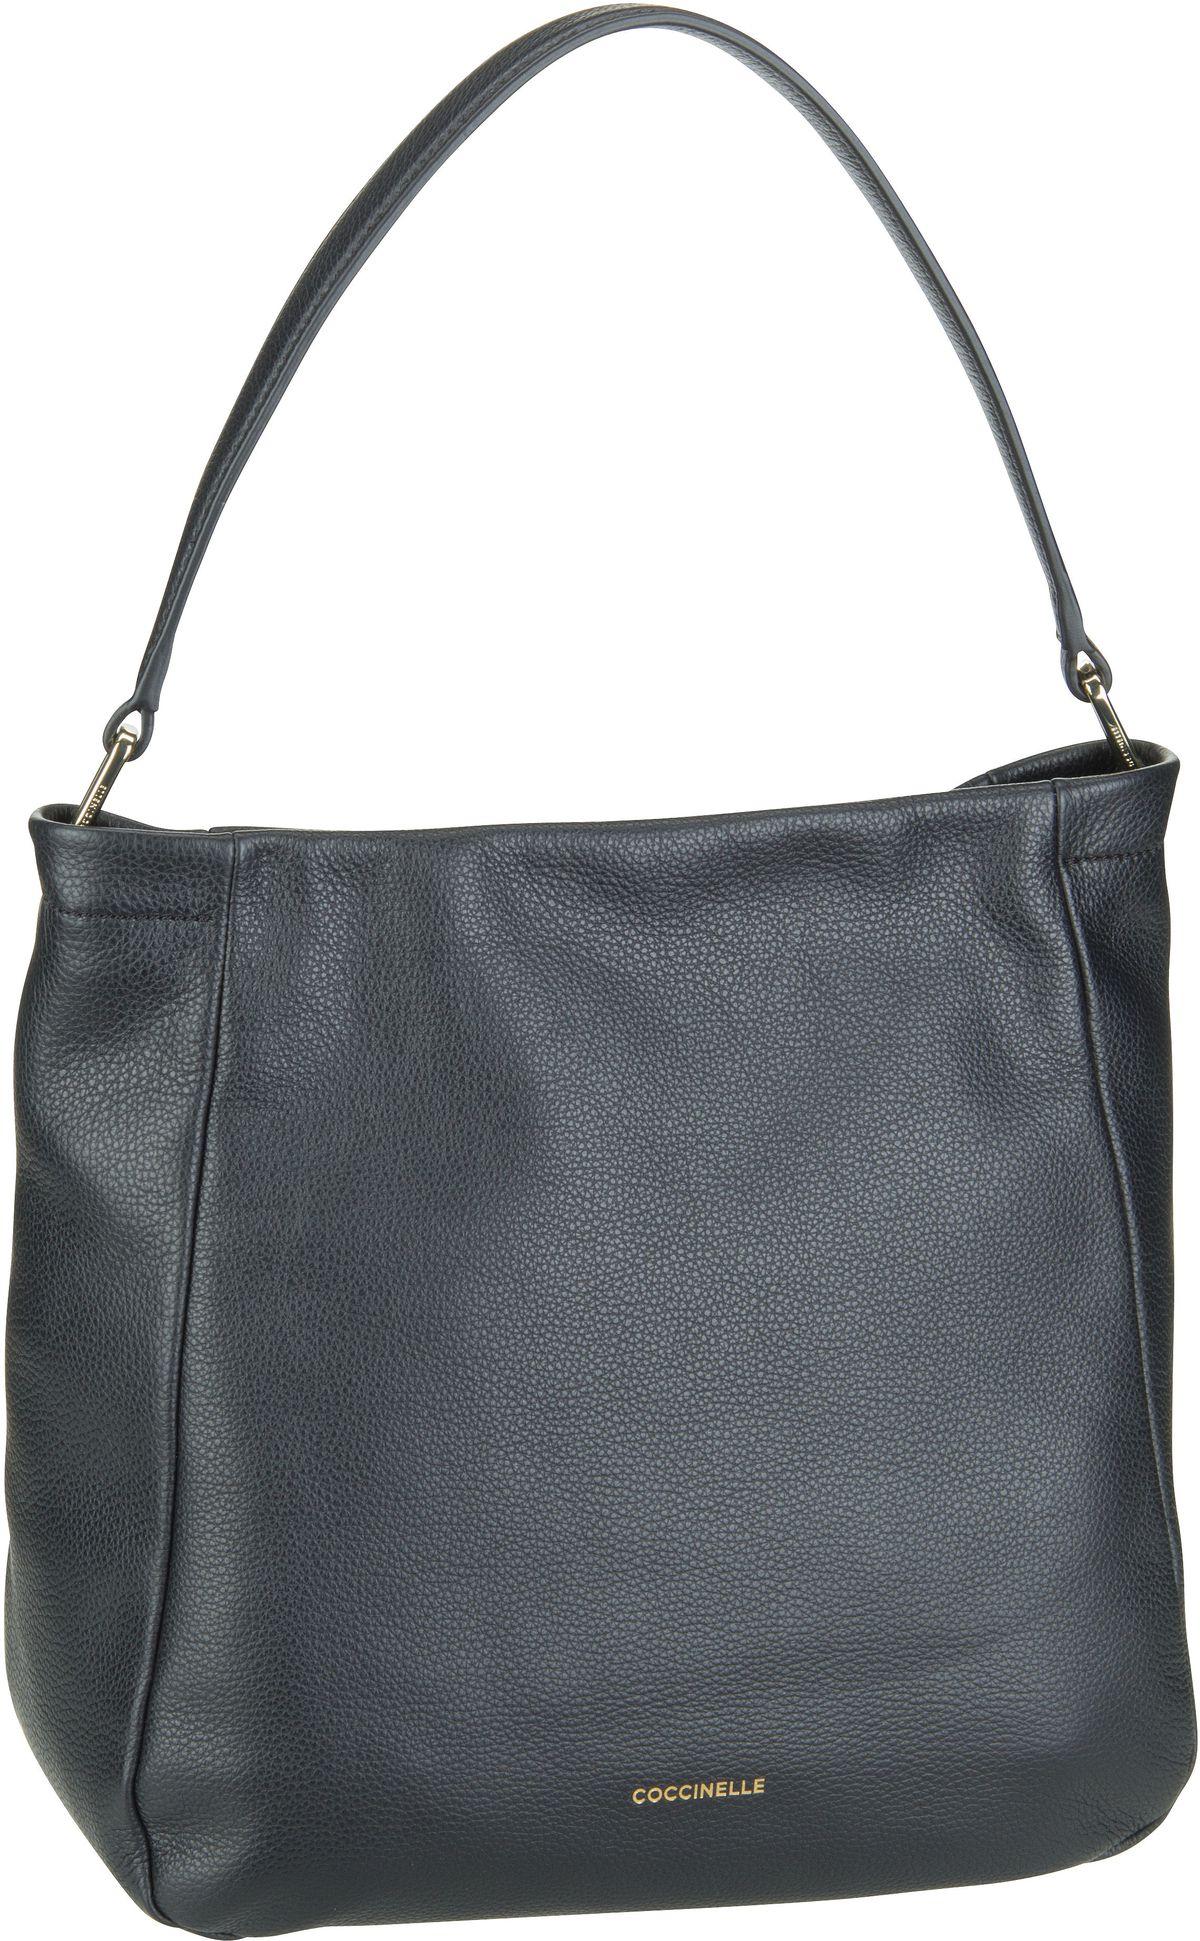 Handtasche Rendez-Vous 1301 Nero